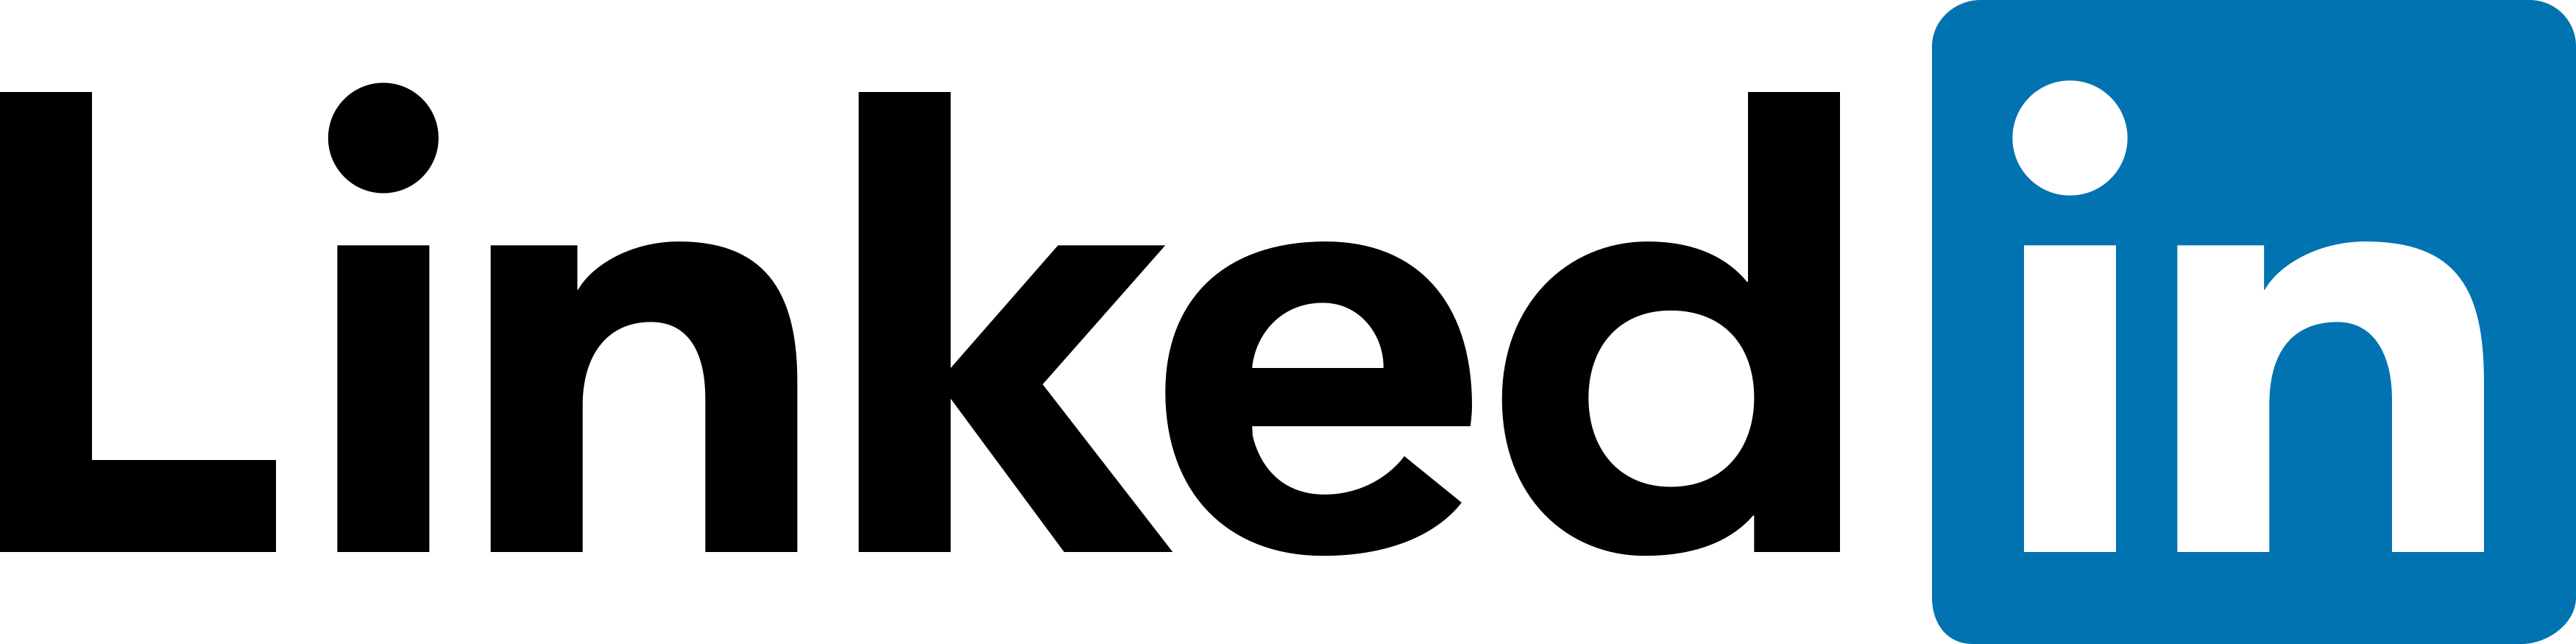 Resultado de imagem para linkedin png